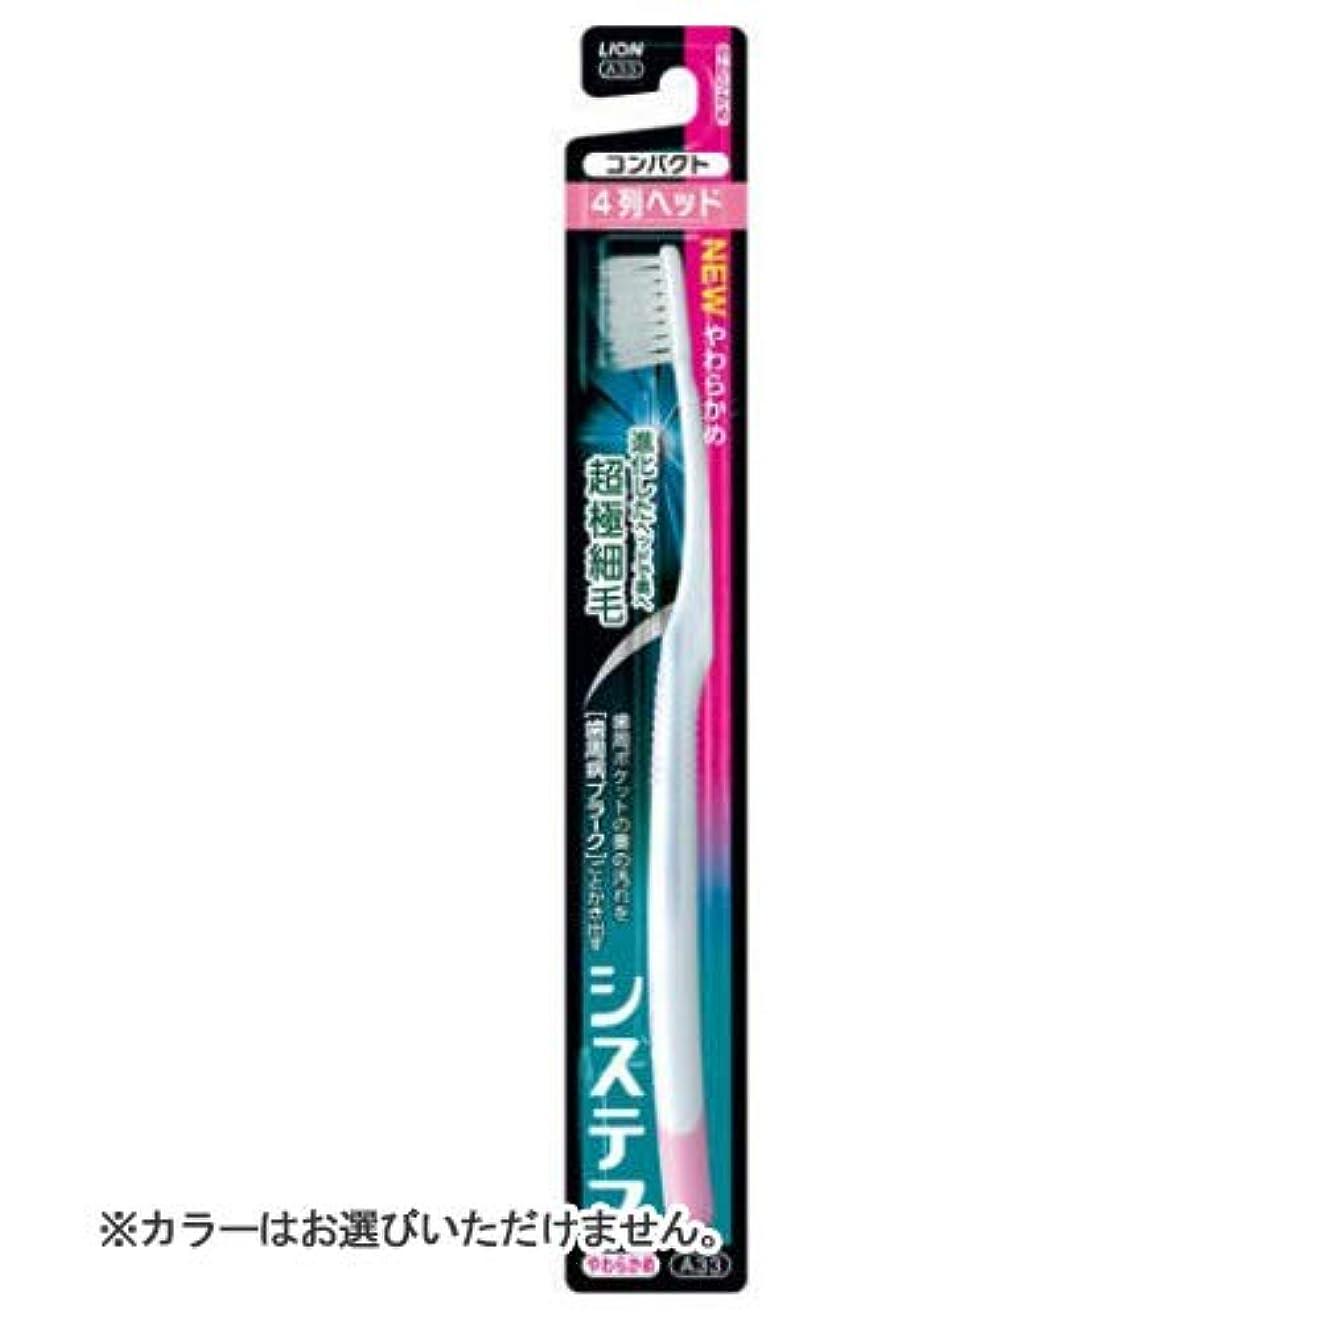 可聴主観的禁止ライオン システマ ハブラシ コンパクト4列 やわらかめ (1本) 大人用 歯ブラシ